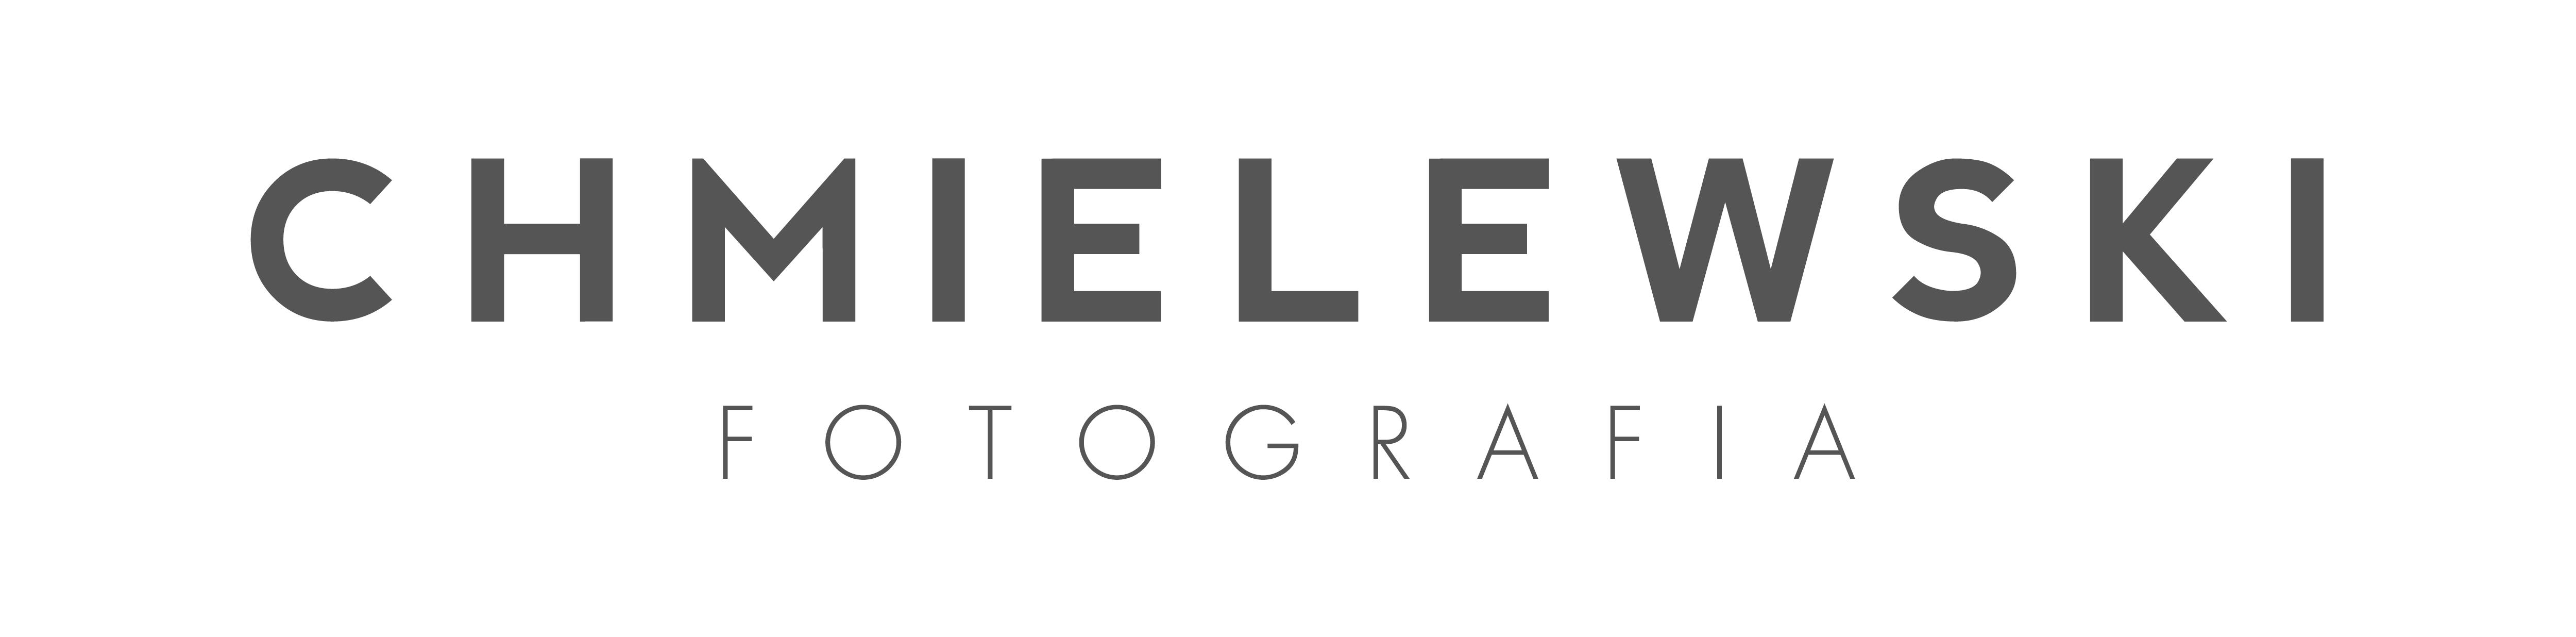 Chmielewski Fotografia